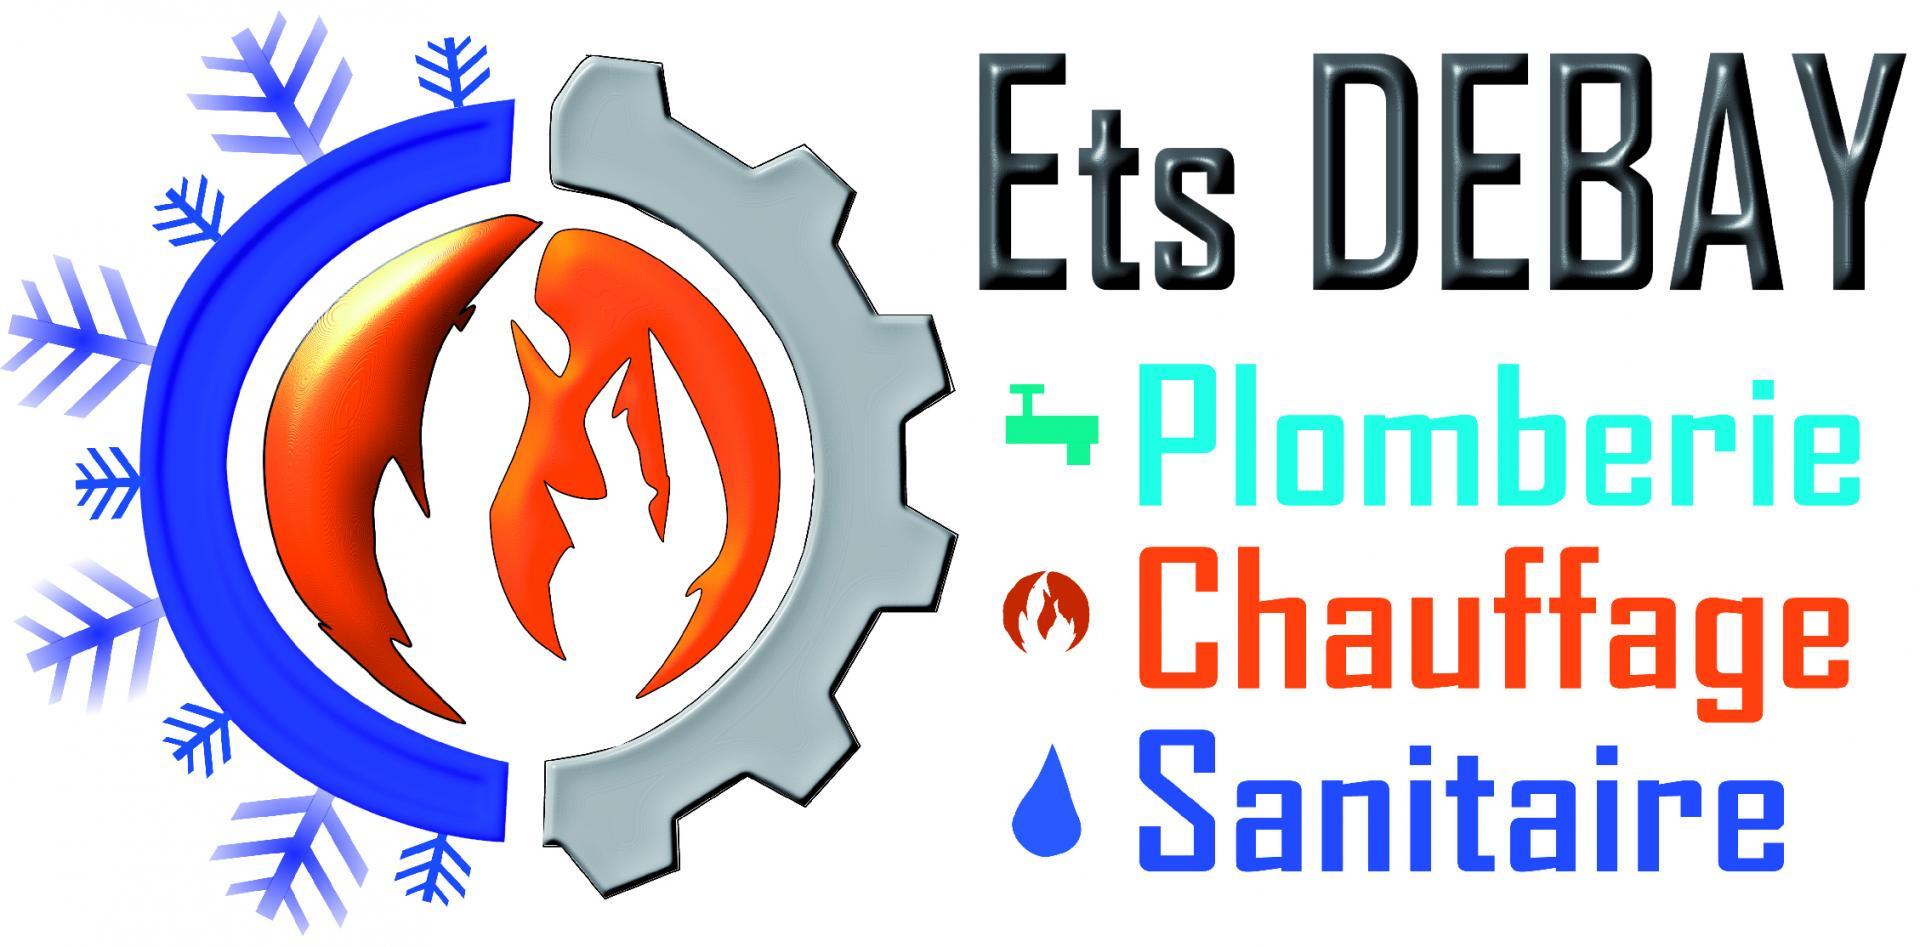 Logo debay fd blc devant 1